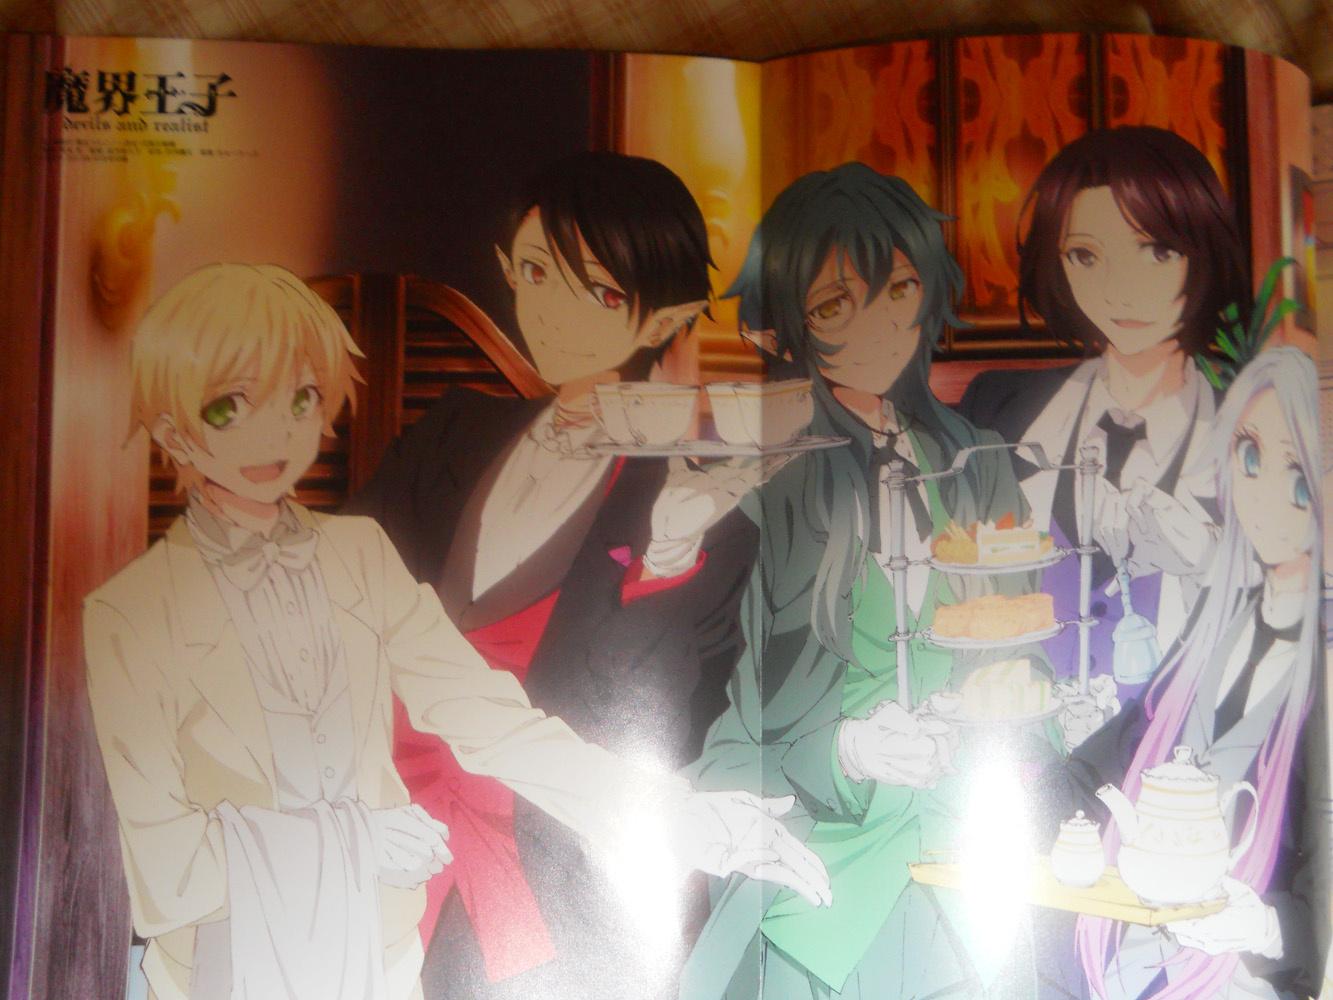 леви фото из аниме